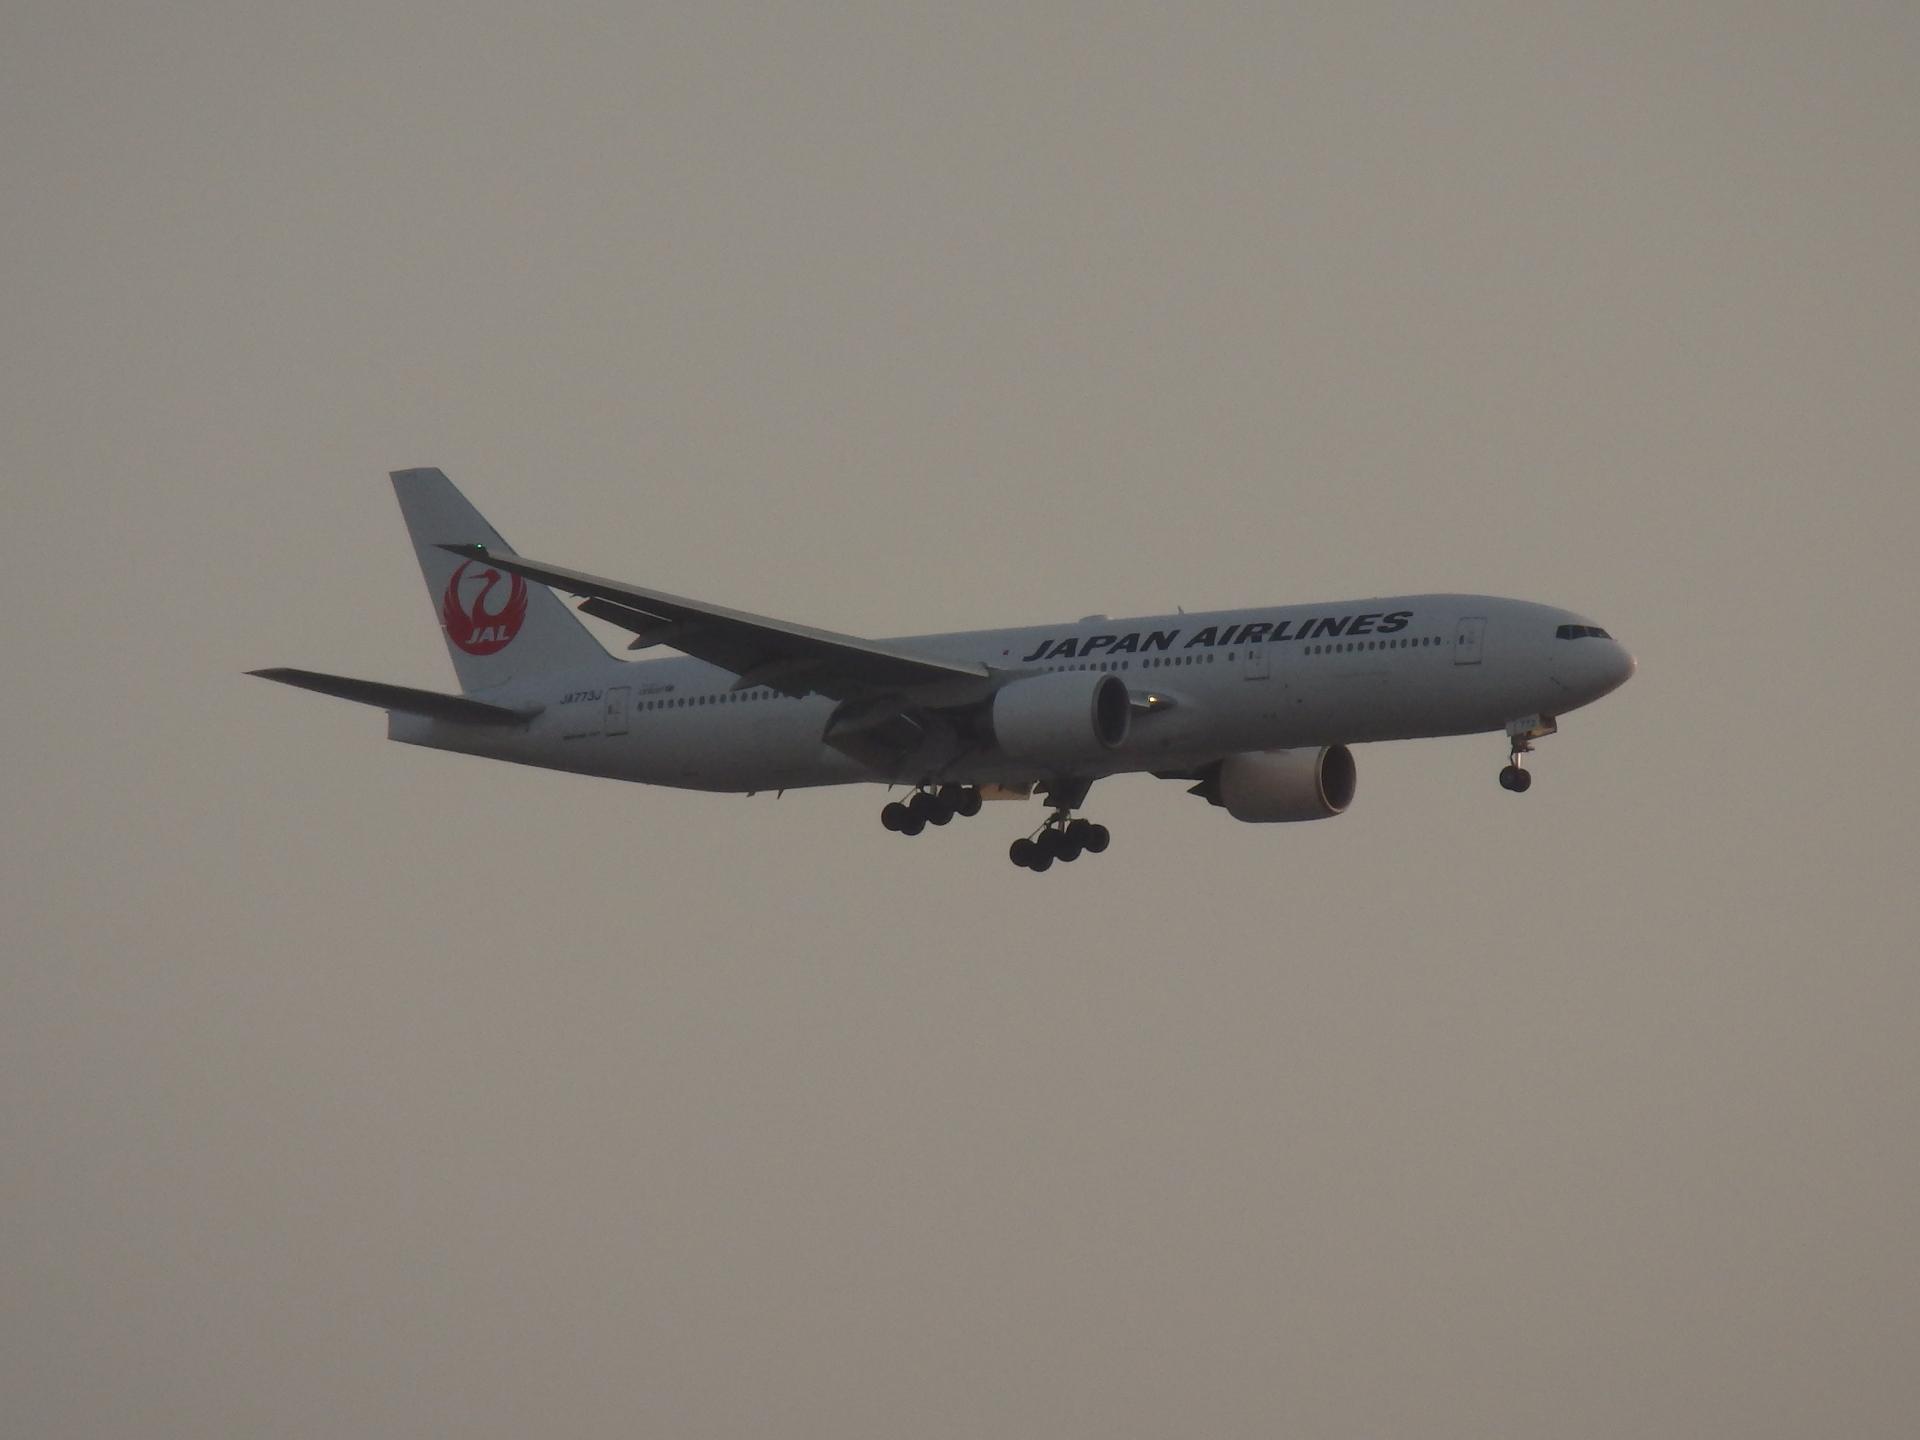 JALのB777-246/JA773J機です。